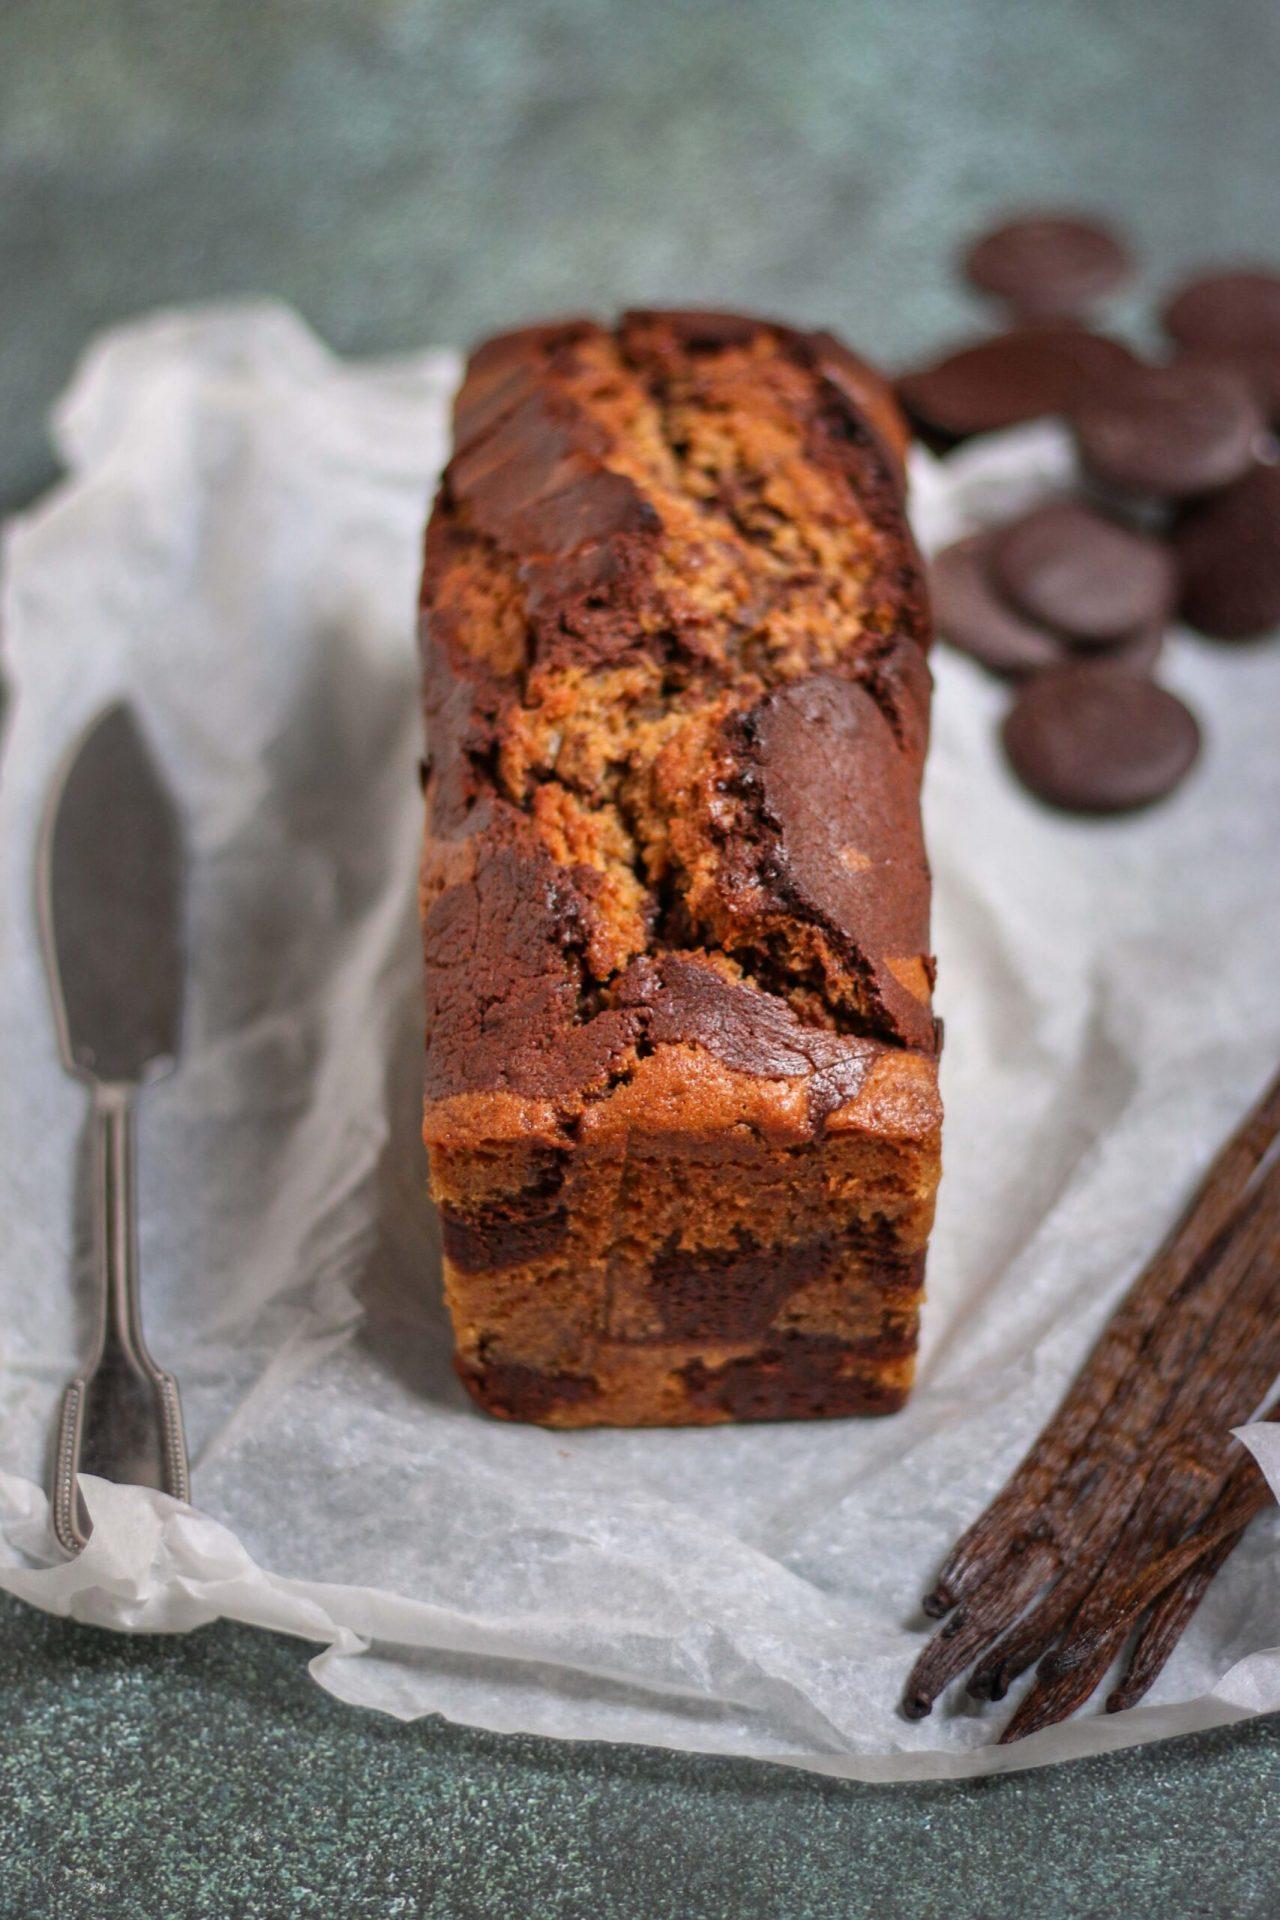 עוגת השיש הכי טובה בעולם